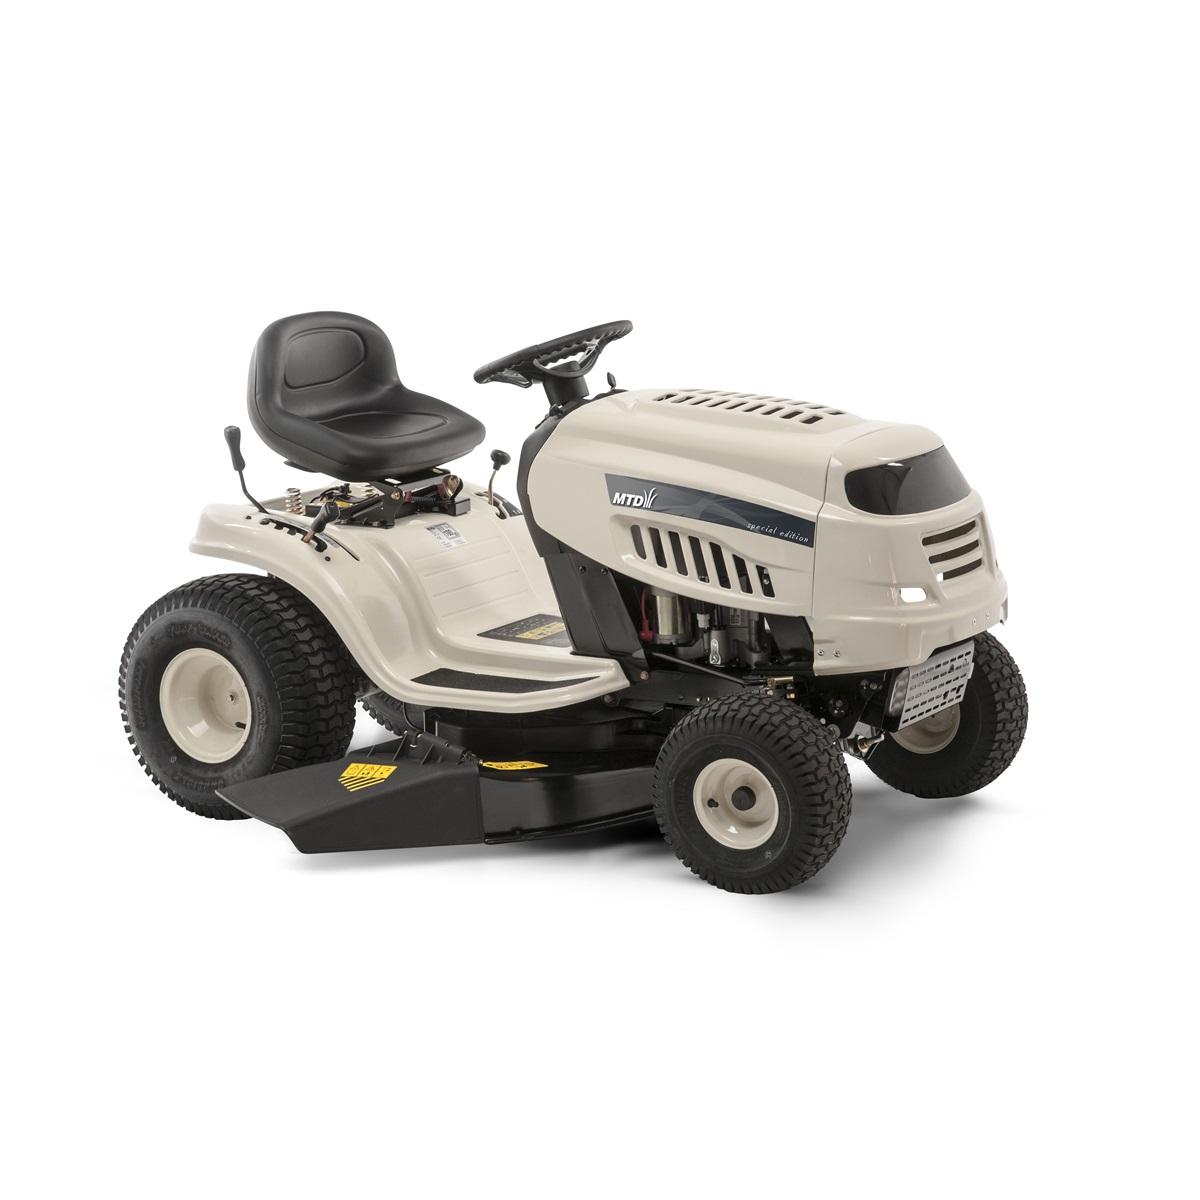 travní traktor s bočním výhozem a hydrostatickou převodovkou MTD DL 96 H